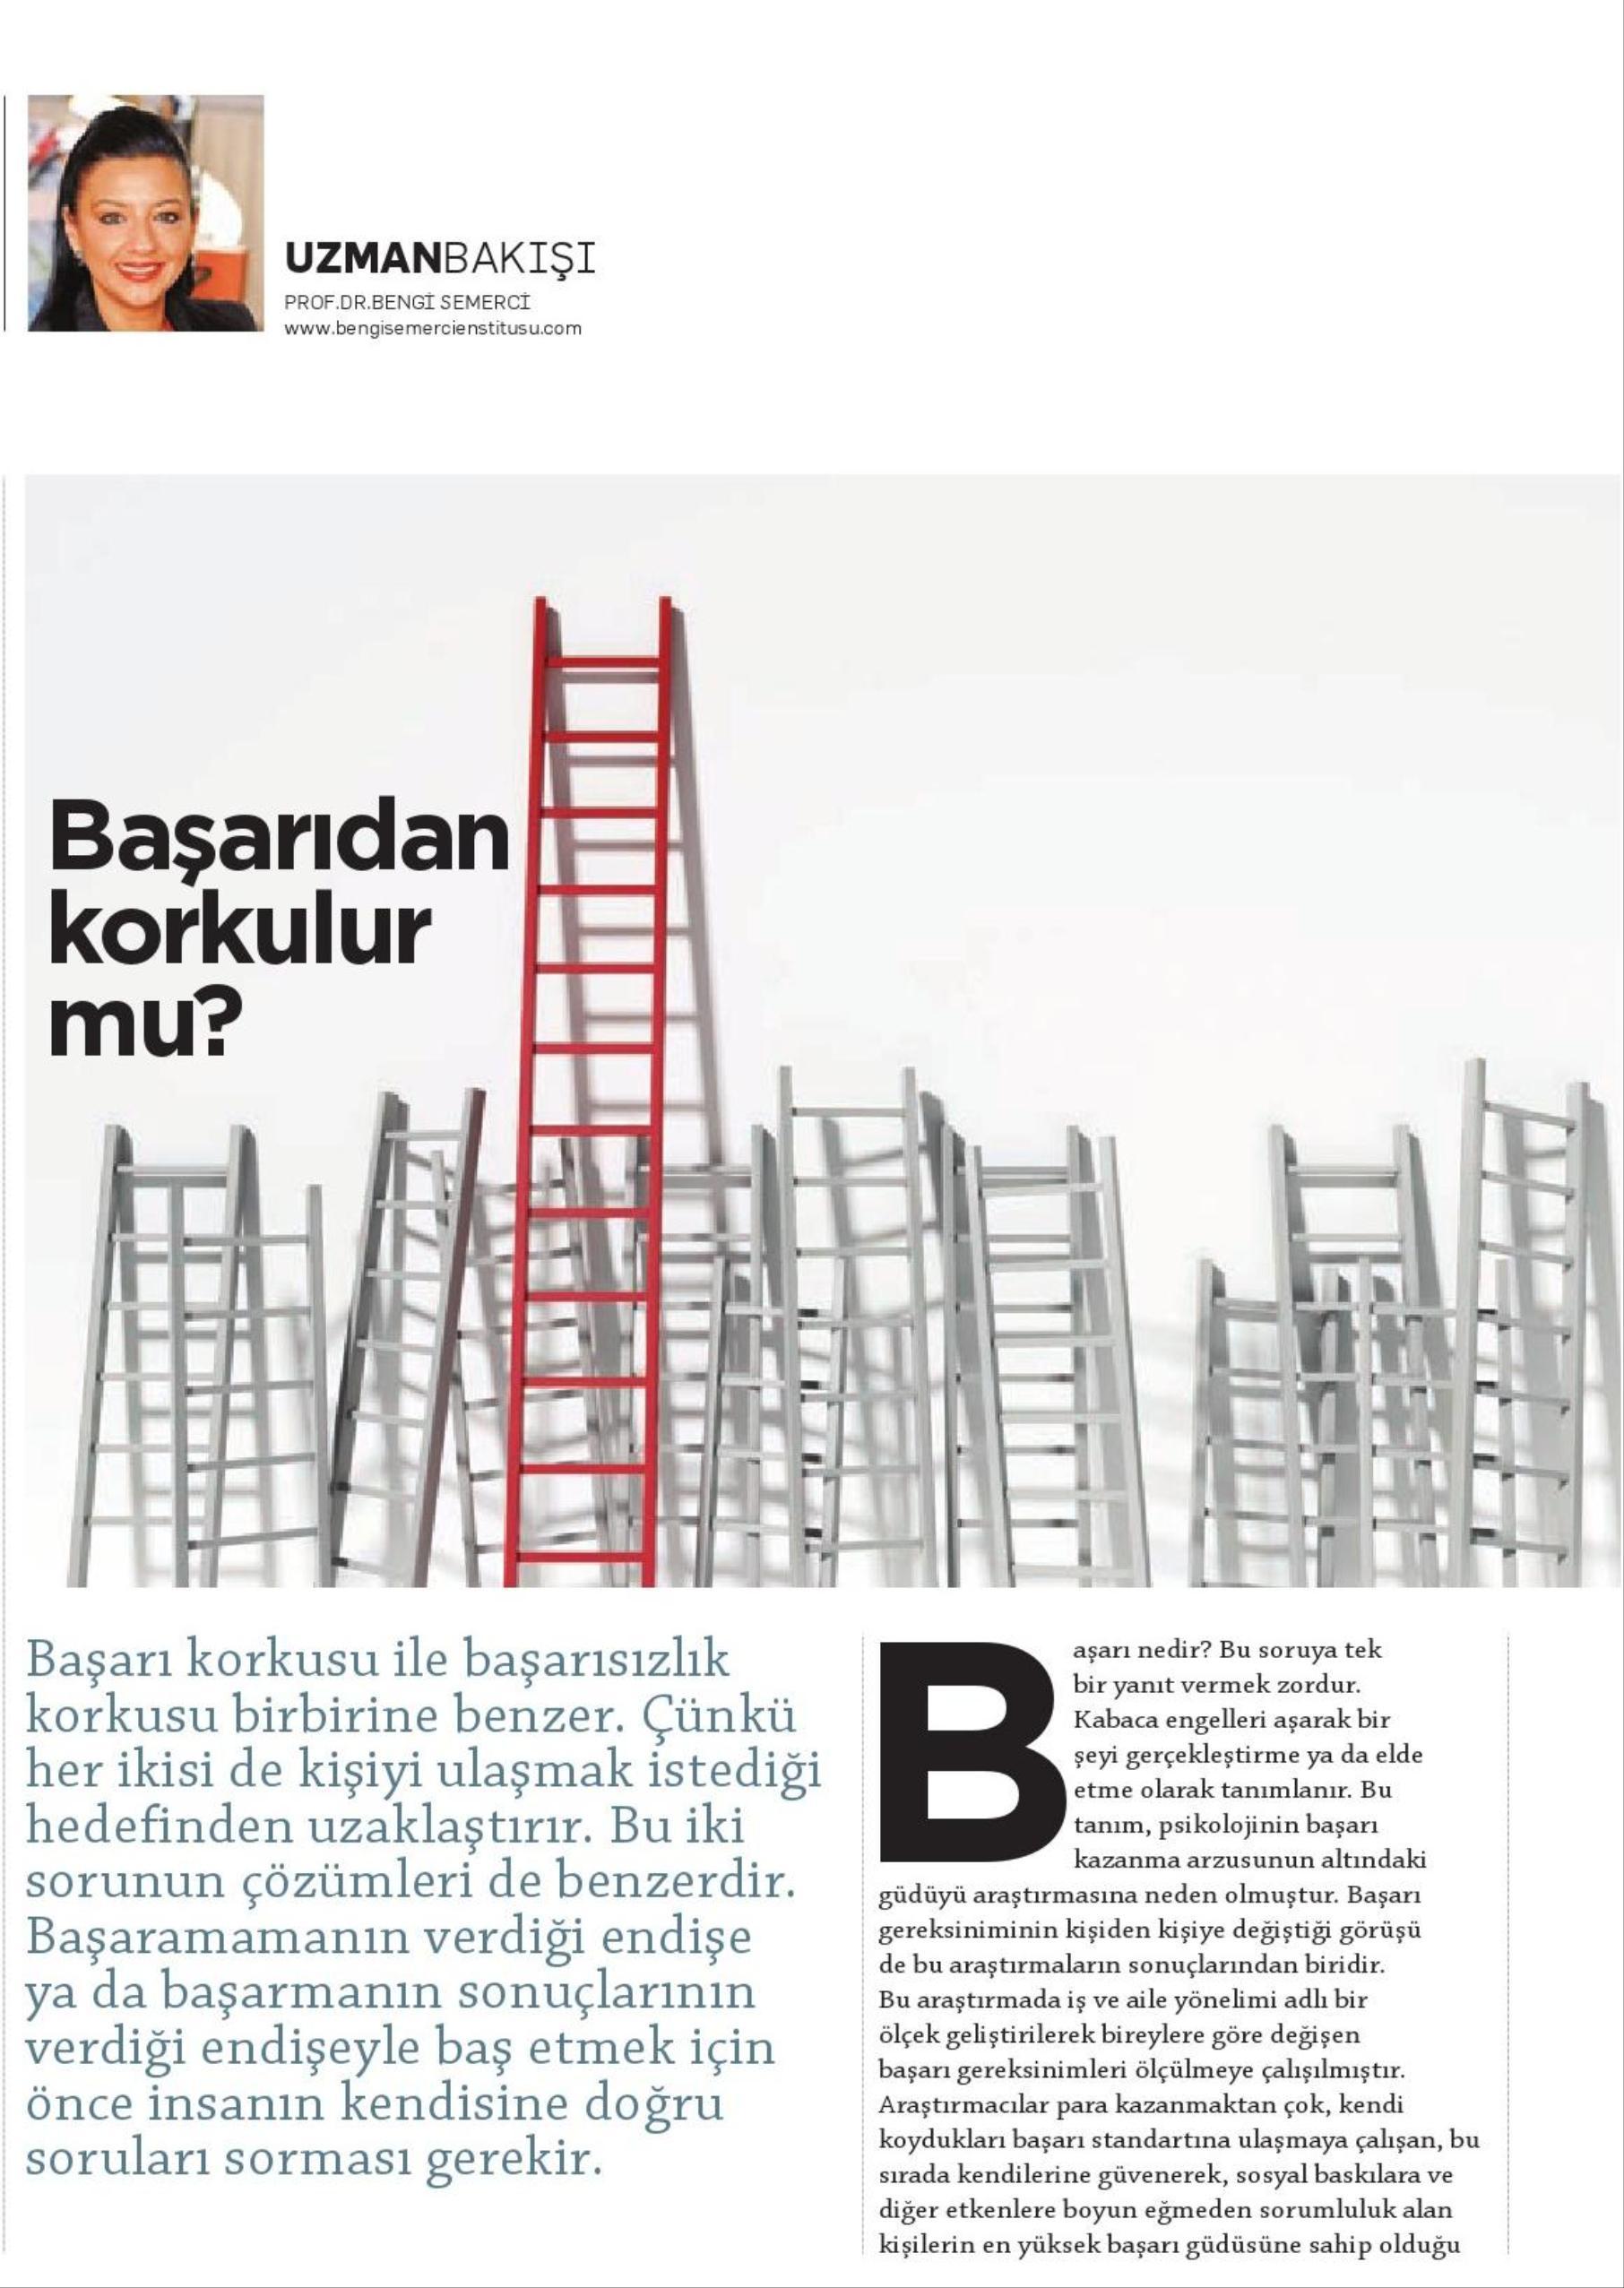 BAŞARIDAN KORKULUR MU - KARİYER 01.01.2014